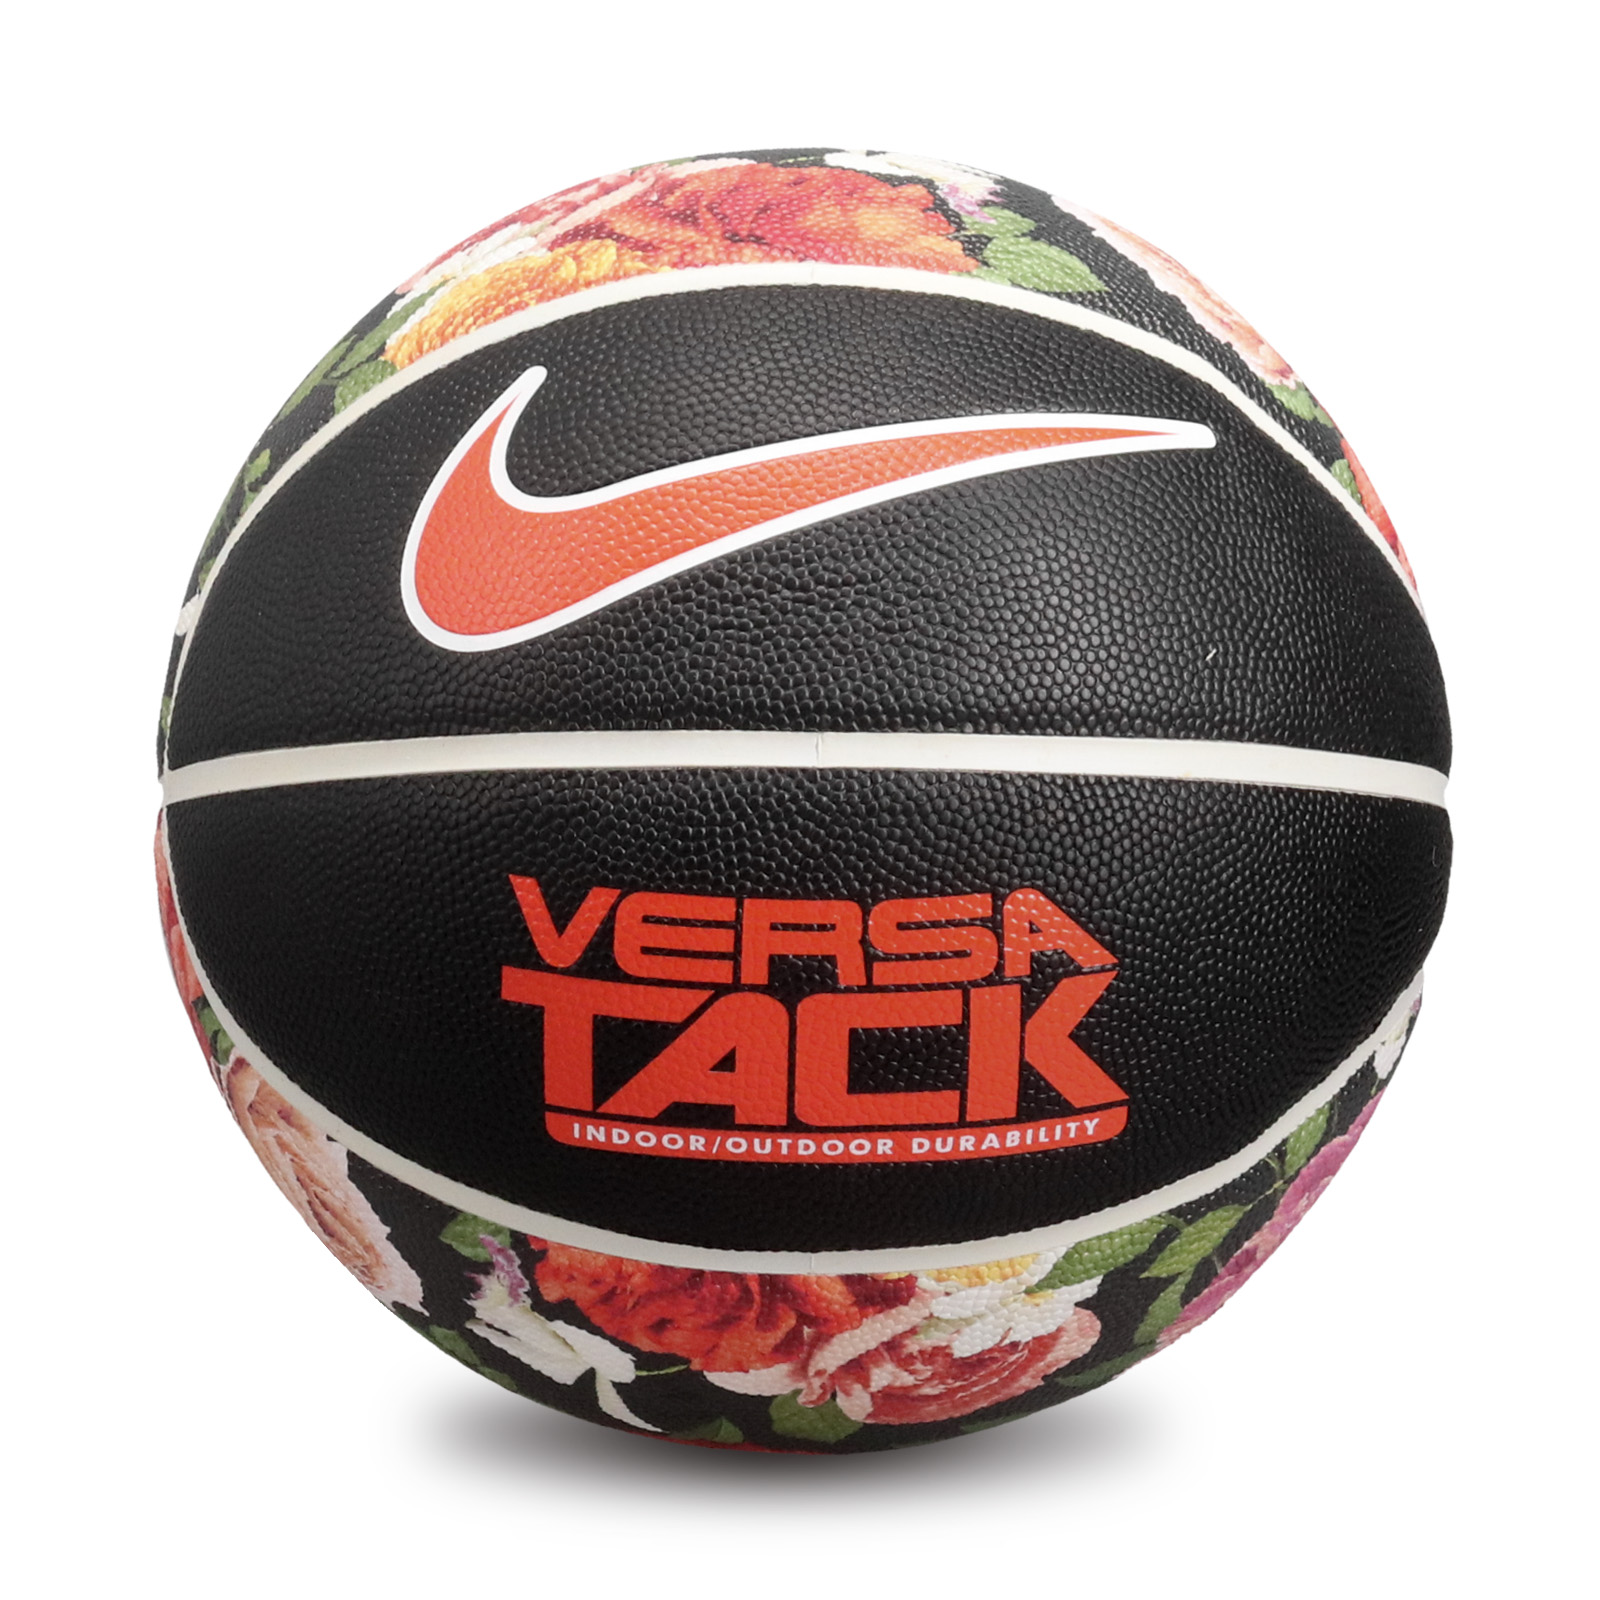 Nike 籃球 Versa Tack 8P 彩色 黑 7號球 室內外 耐磨 花卉【ACS】 N000116491-707